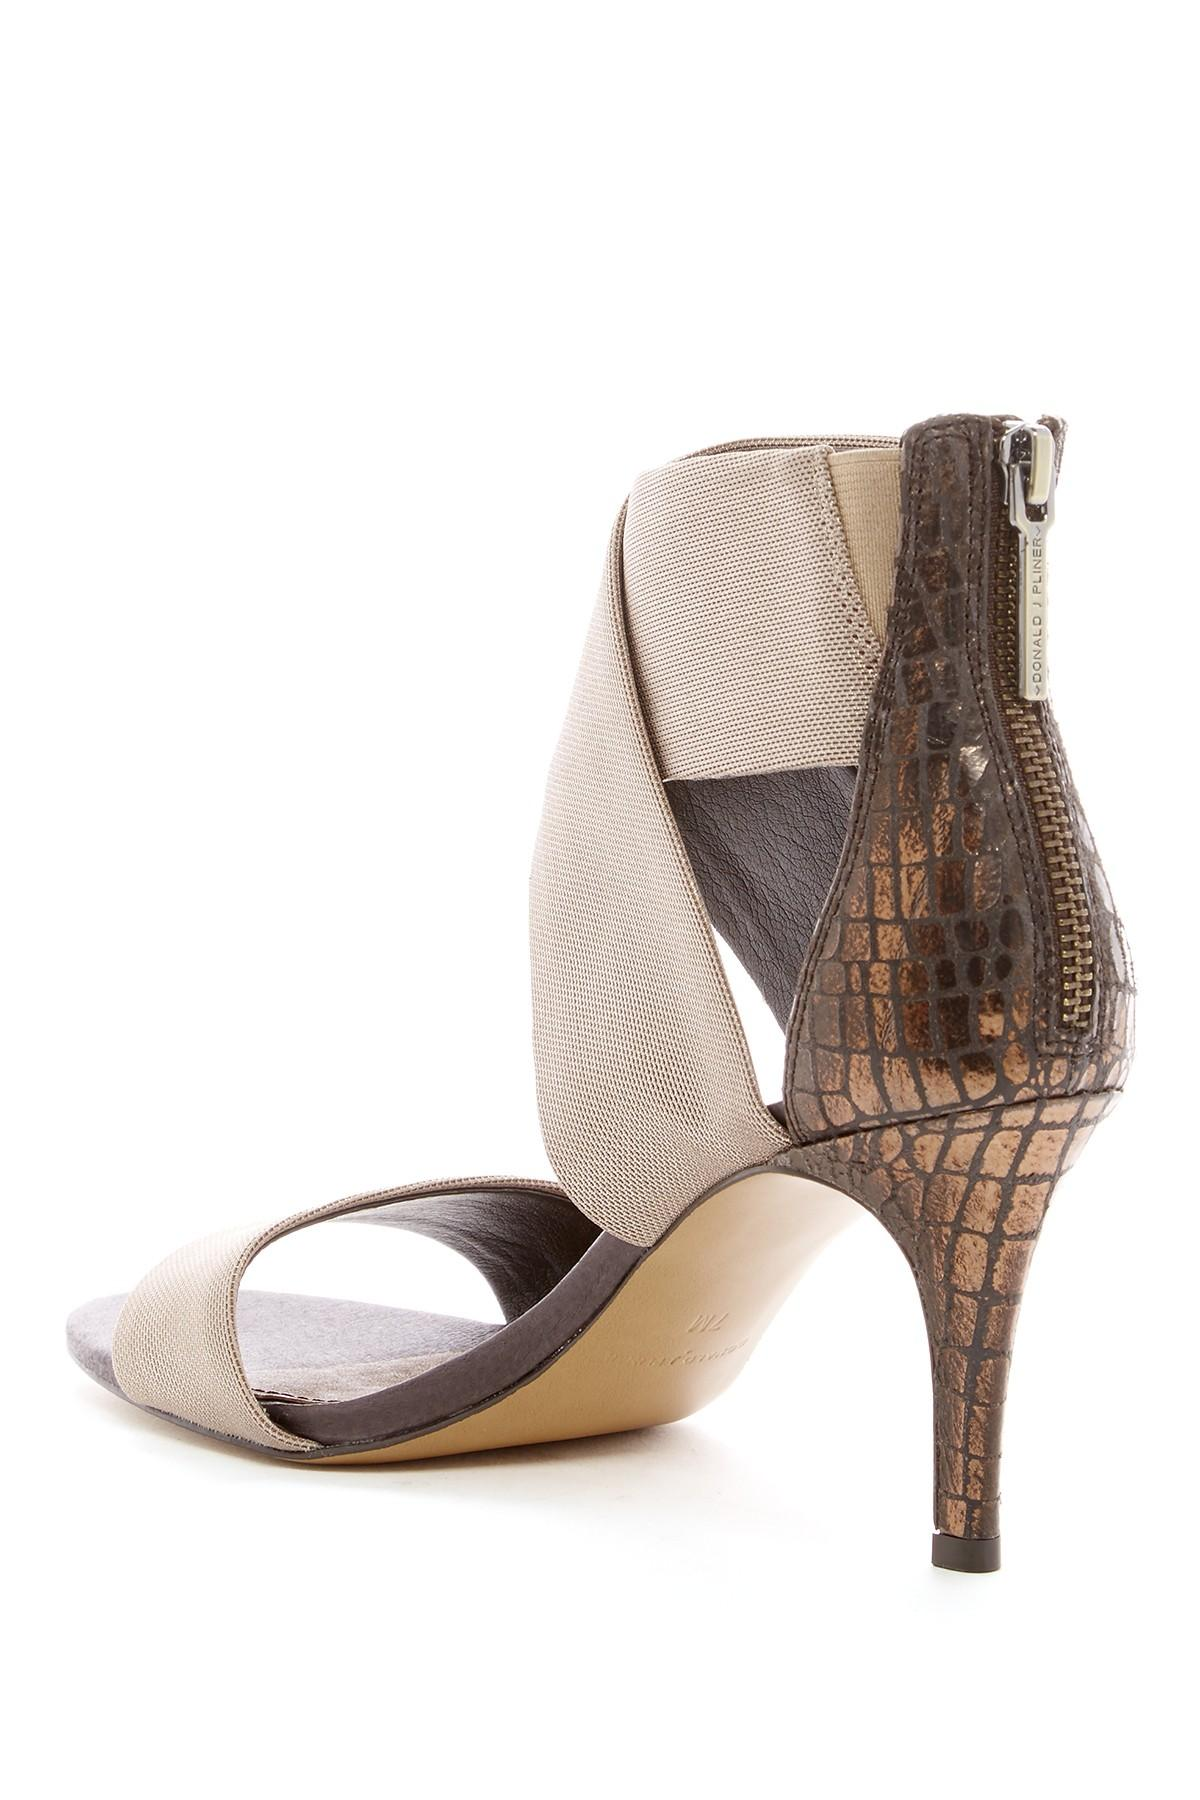 ce33d3168ac3 Lyst - Donald J Pliner Kaye Lizard-embossed Heeled Sandal in Brown